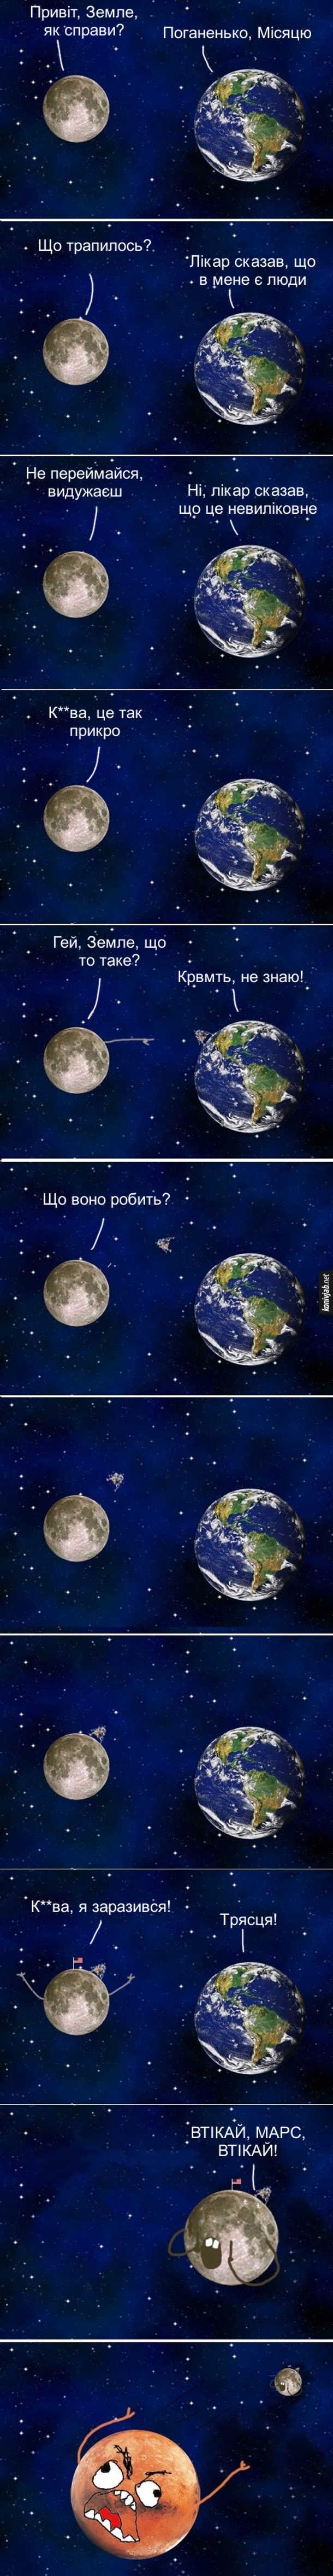 Жарт про планети. Місяць: - Привіт, Земле, як справи. Земля: - Поганенько, Місяцю. Місяць: - Що трапилось? Земля: - Лікар сказав, що в мене є люди. Місяць: - Не переймайся, видужаєш. Земля: - Ні, лікар сказав, що це невиліковне. Місяць: - Курва, це так прикро. Від Землі на Місяць відлітає ракета. Місяць: - Гей, Земле, що то таке? Земля: - Курва мать, не знаю! Ракета приземлилась на Місяці, з неї вилізли люди, встановили американський прапор. Місяць: - Що воно робить? Курва, я заразився! Земля: - Трясця! Місяць до Марса: - Втікай, Марс, втікай! Марс Почав втікати